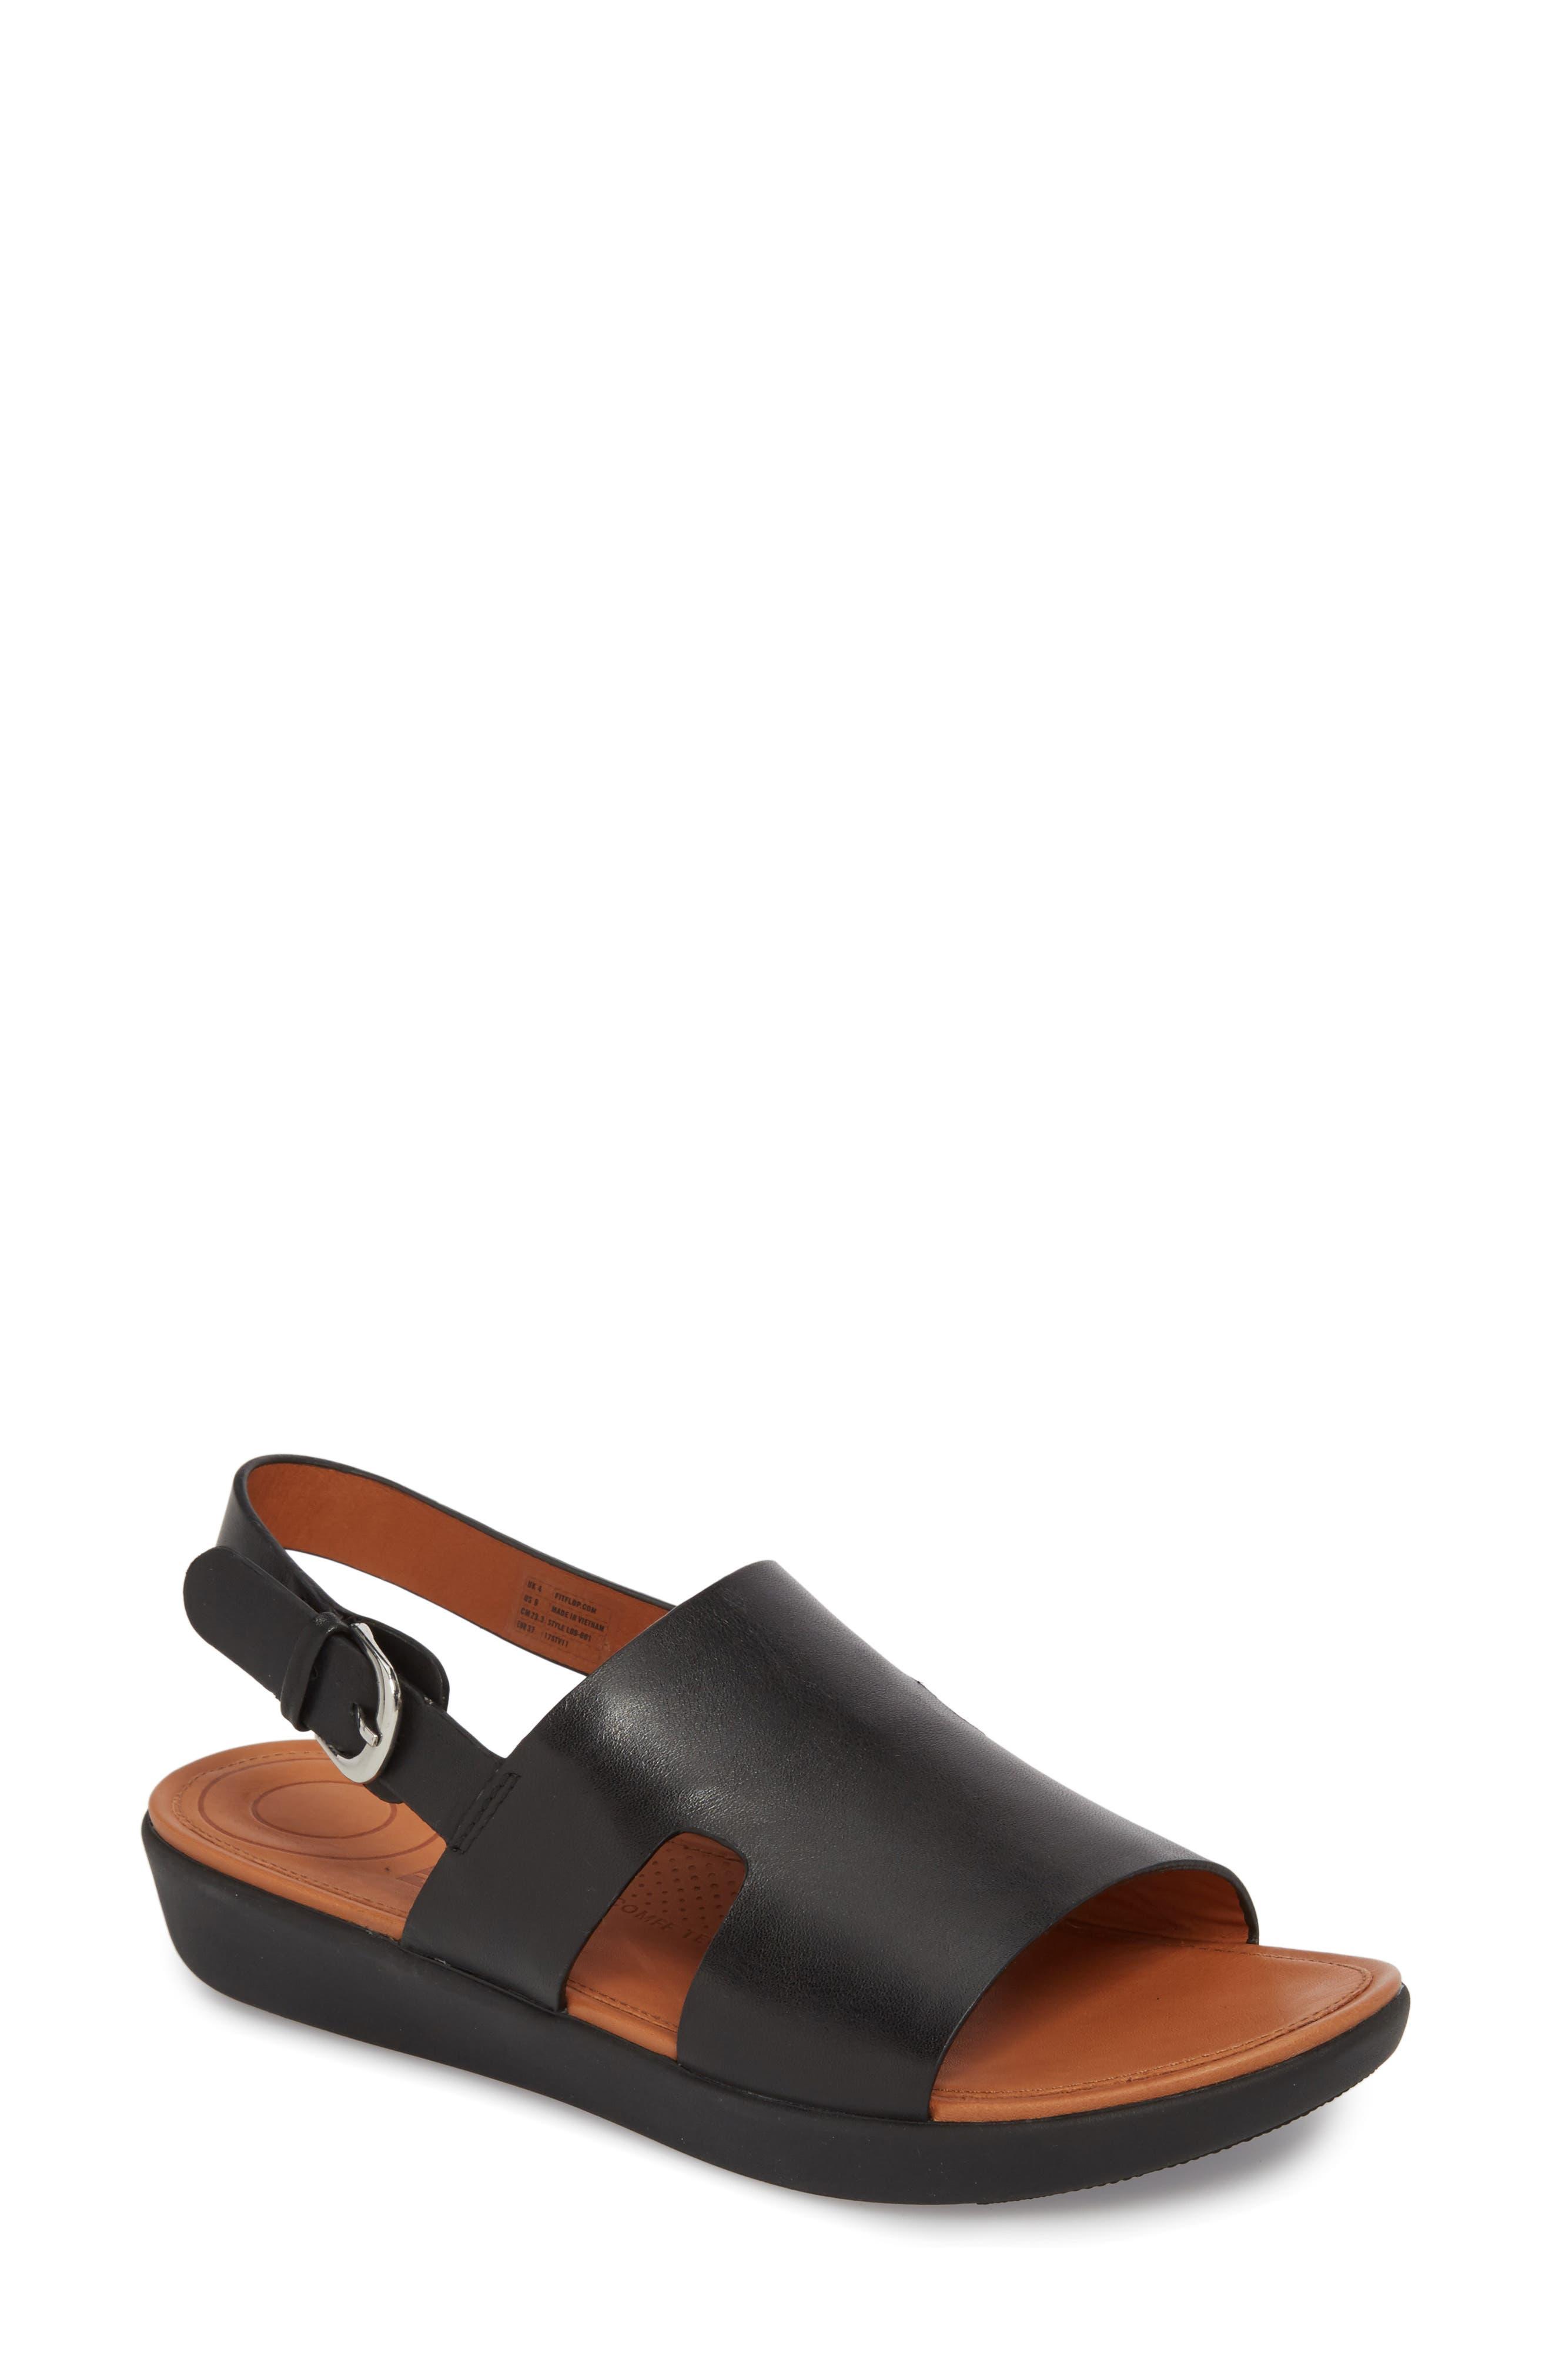 H-Bar Slingback Sandal,                             Main thumbnail 1, color,